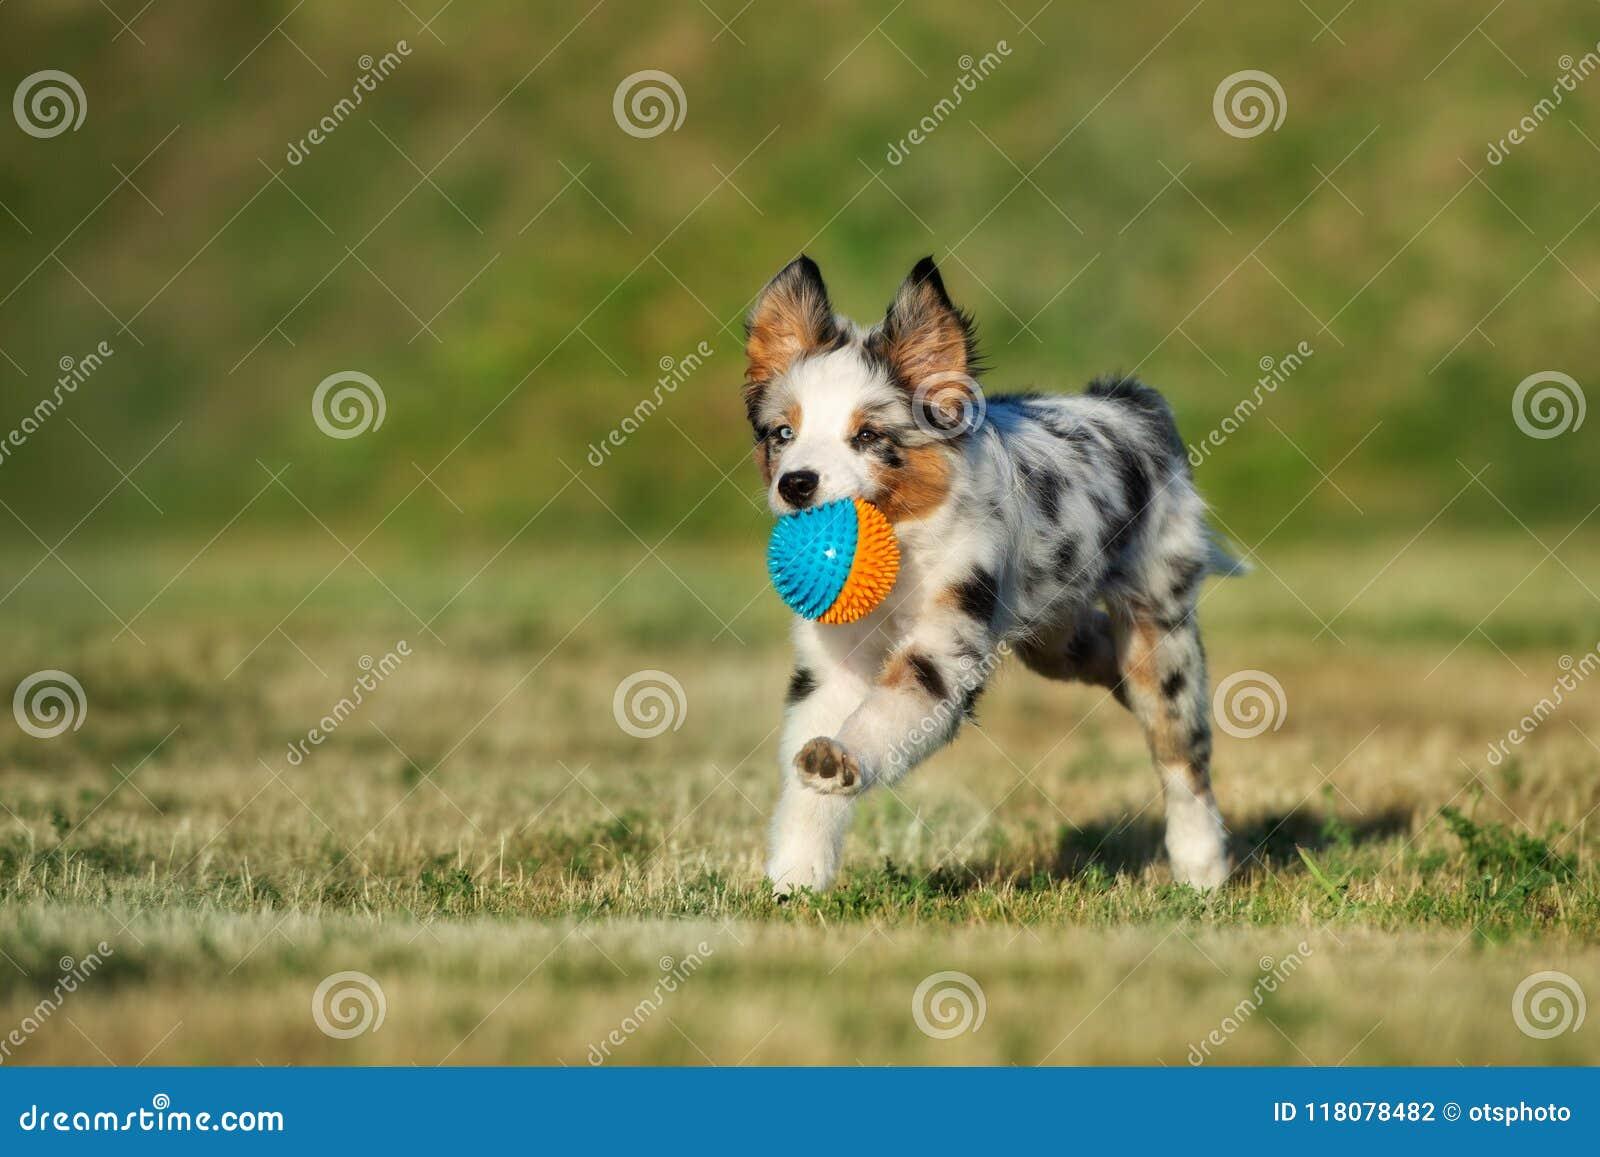 Miniature Australian Shepherd Puppy Running In Summer Stock Photo Image Of Outdoors Australian 118078482